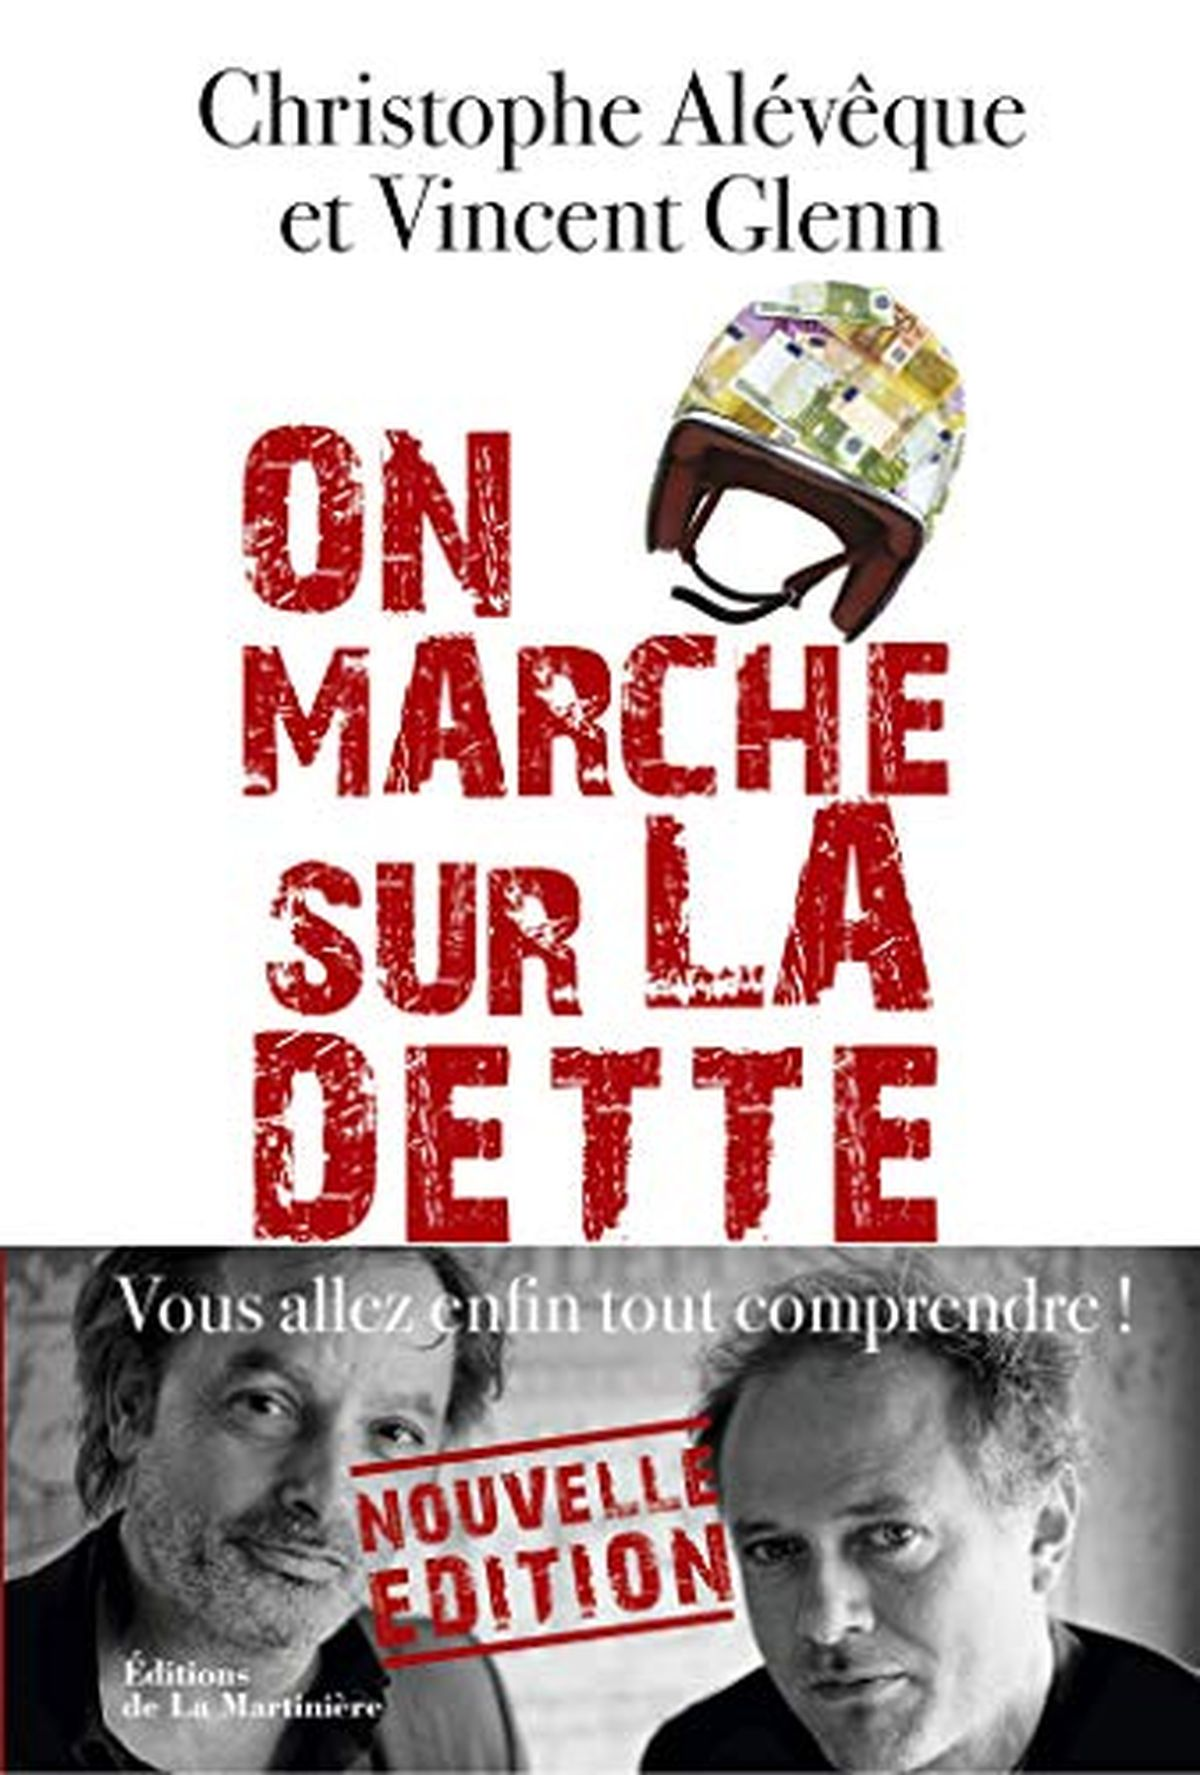 """Comme avec Bienvenue à Webland, Christophe Alévêque nous offre un livre très pédagogique avec """"On marche sur la dette"""", mais parfois, ses conclusions trahissent son idéologie ou sa cécité."""